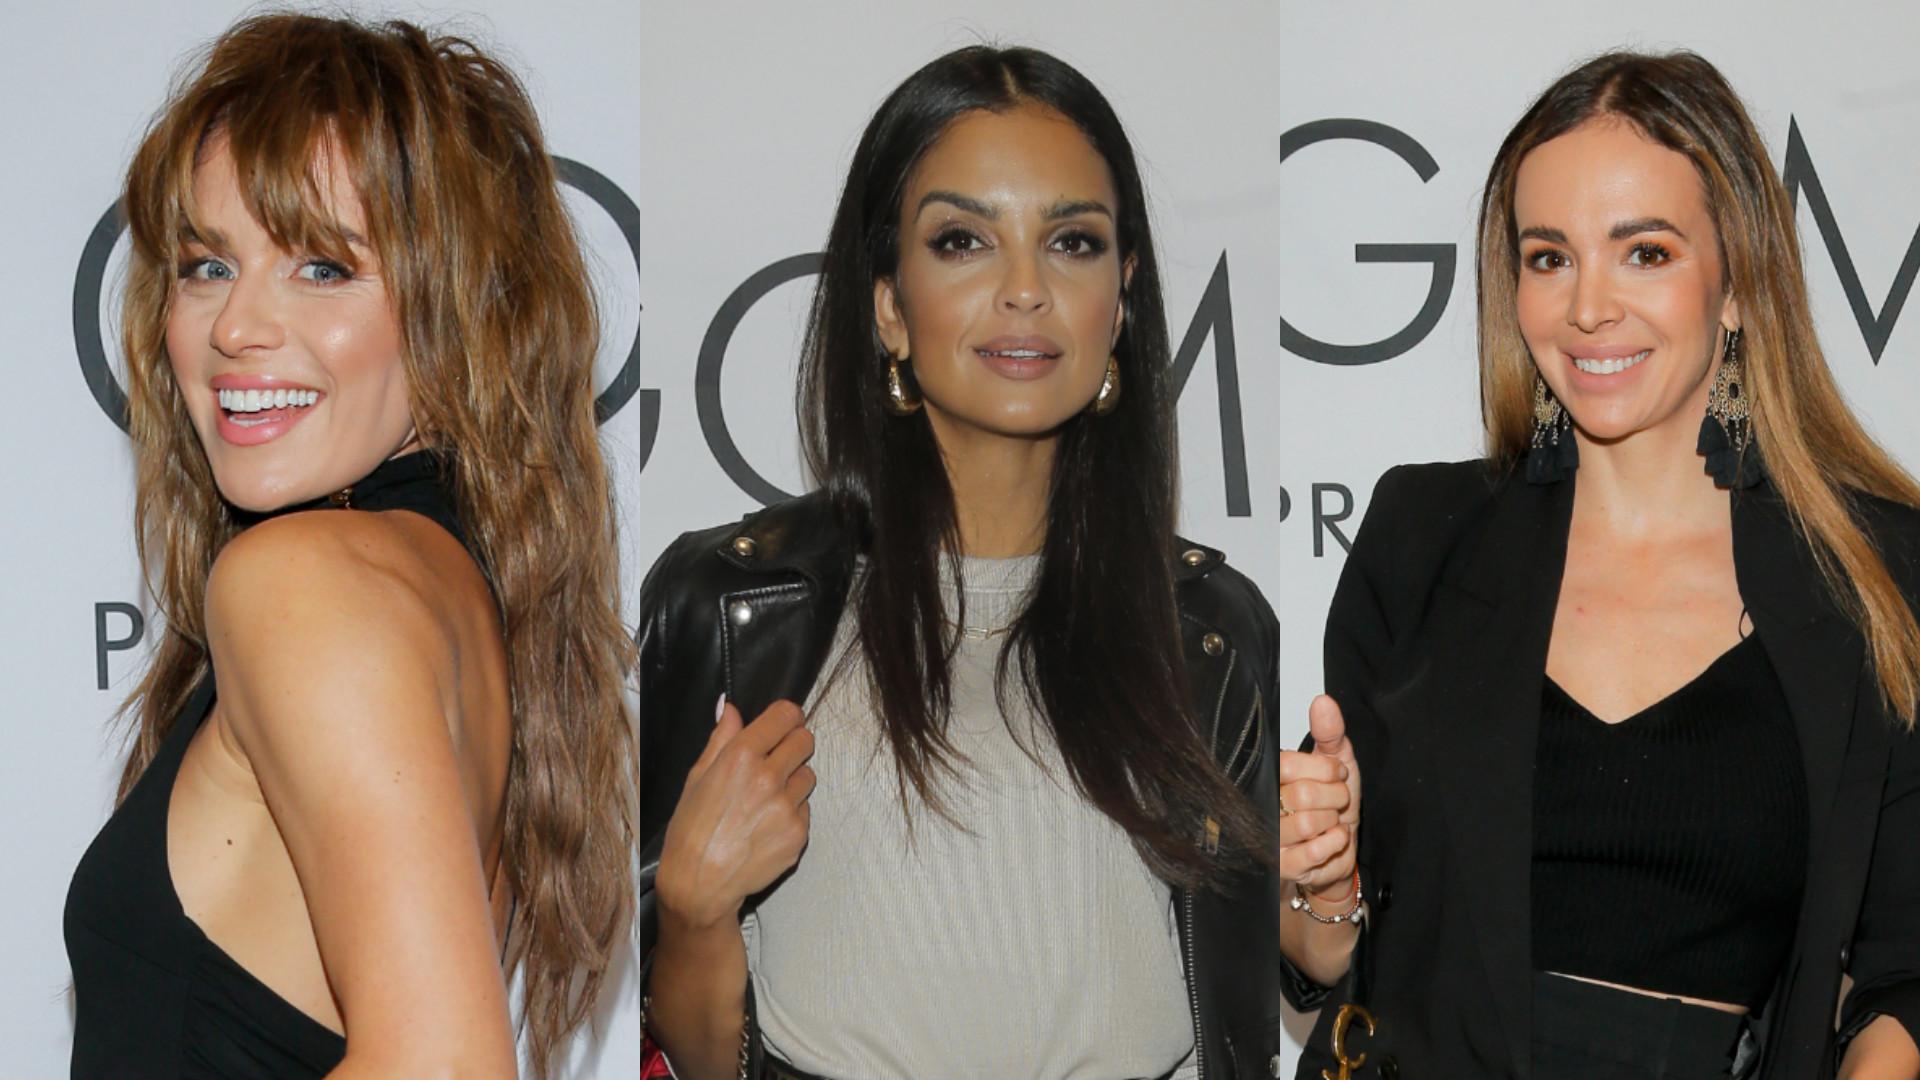 Natasza Urbańska, Klaudia El Dursi, Anna Wendzikowska w czerni na pokazie mody (ZDJĘCIA)